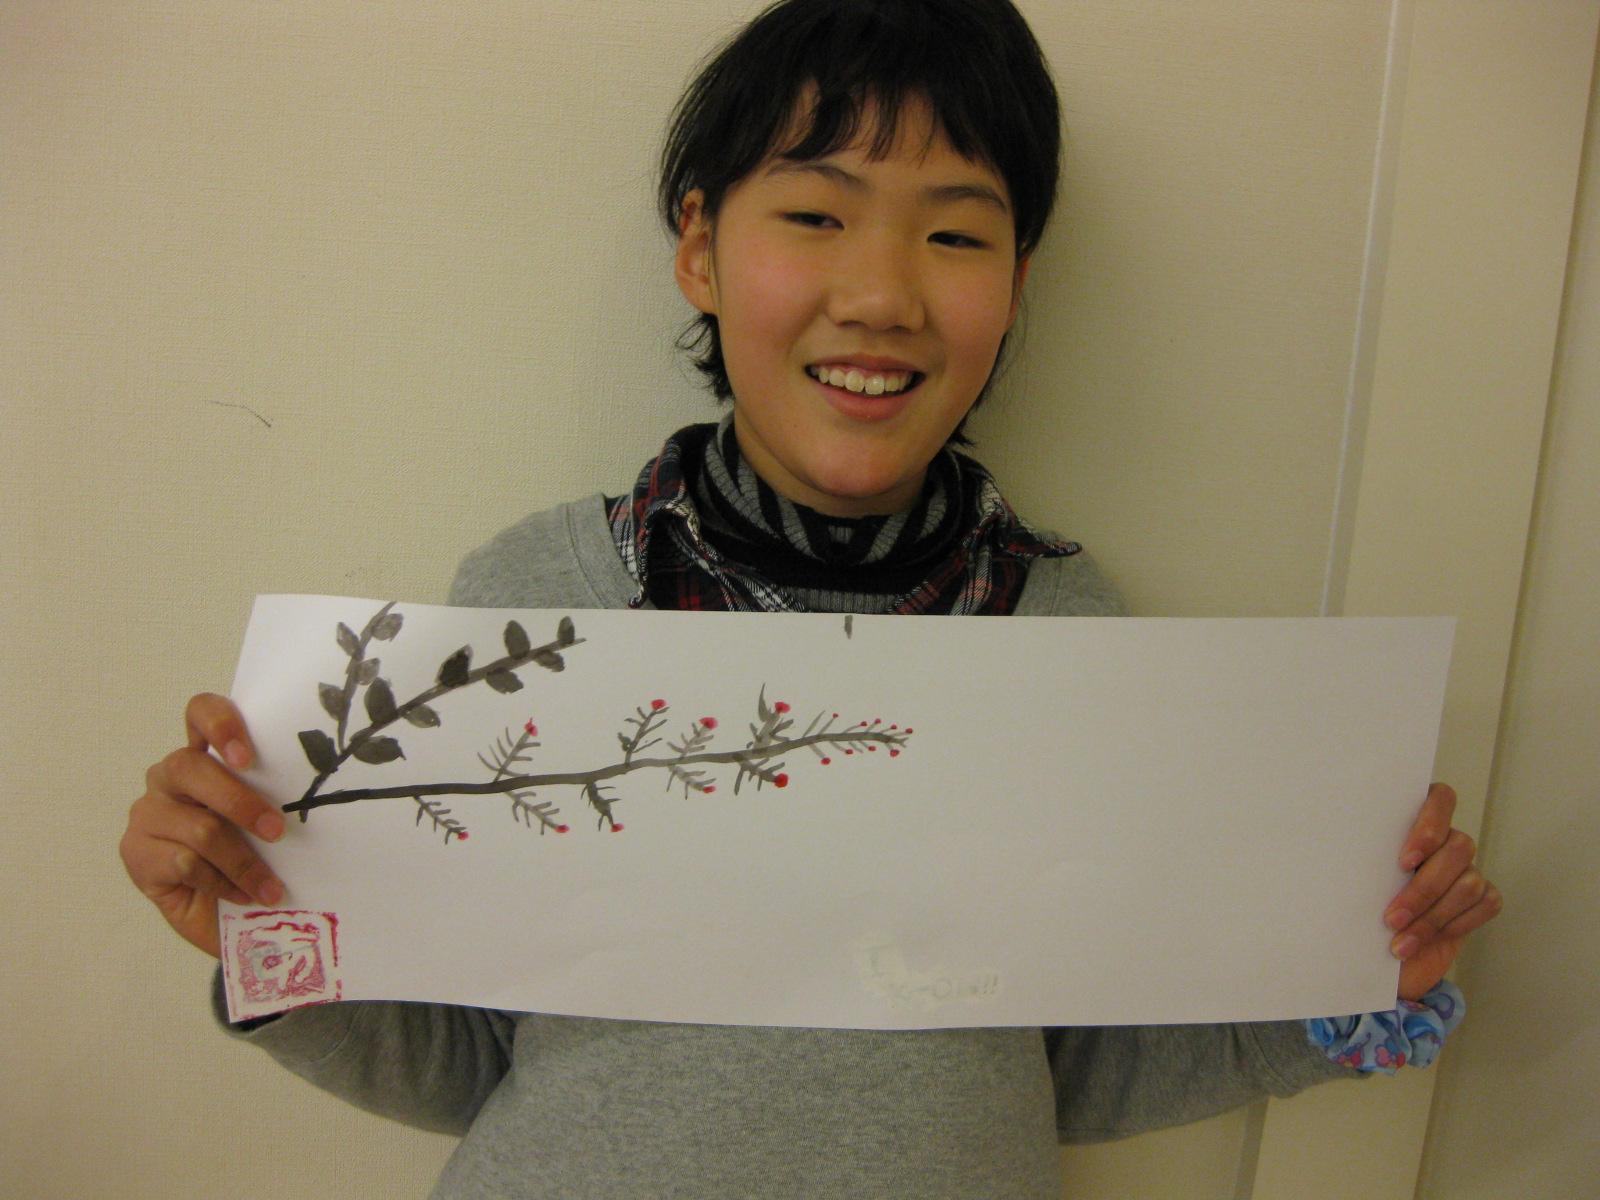 水墨画~松井山手教室_f0215199_15253137.jpg